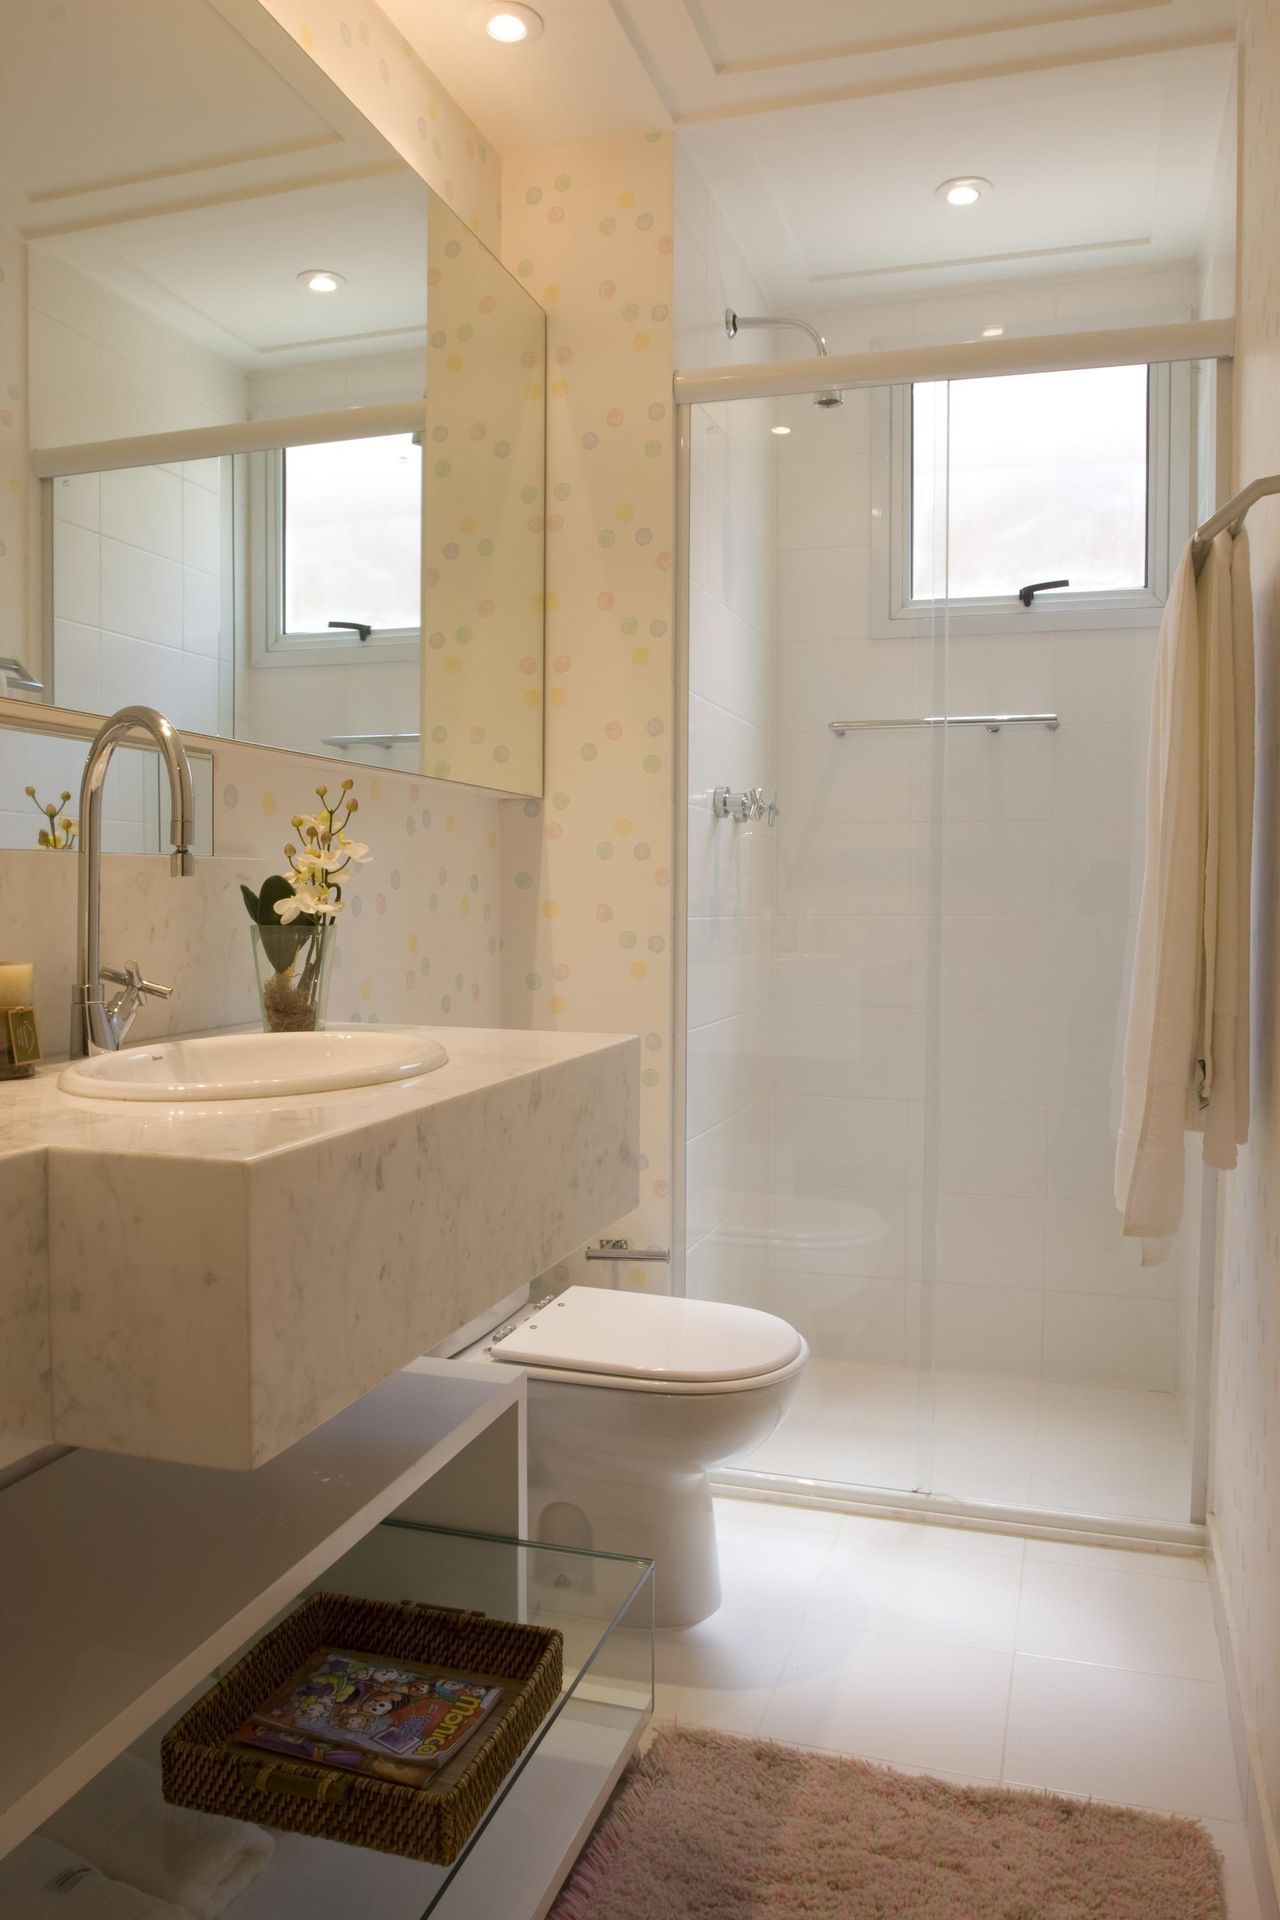 #474711 Banheiro Pequeno Simples E Bonito. Banheiro Pequeno  1280x1920 px modelo de banheiro simples e pequeno